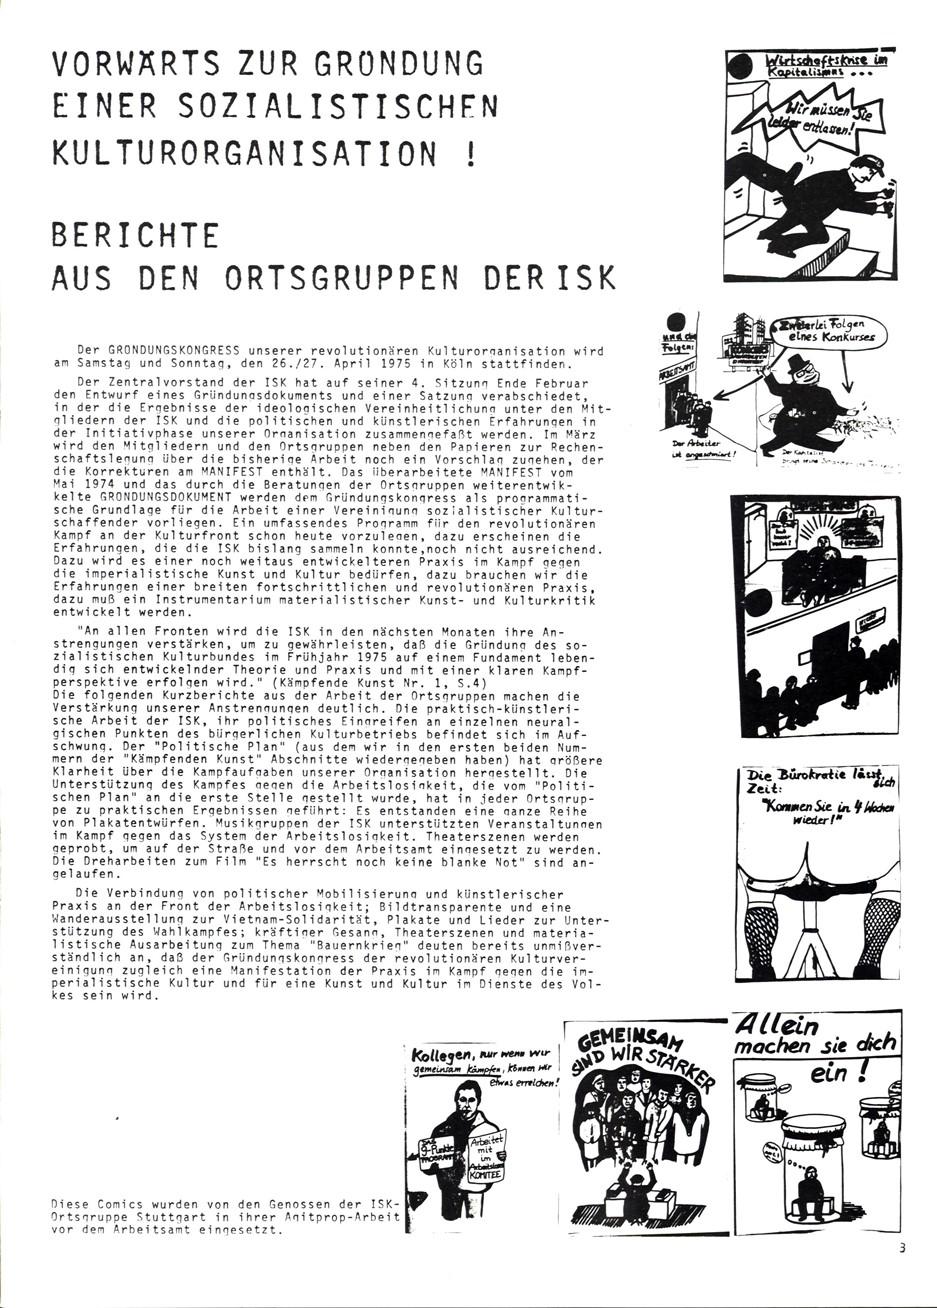 VSK_Kaempfende_Kunst_19750300_03